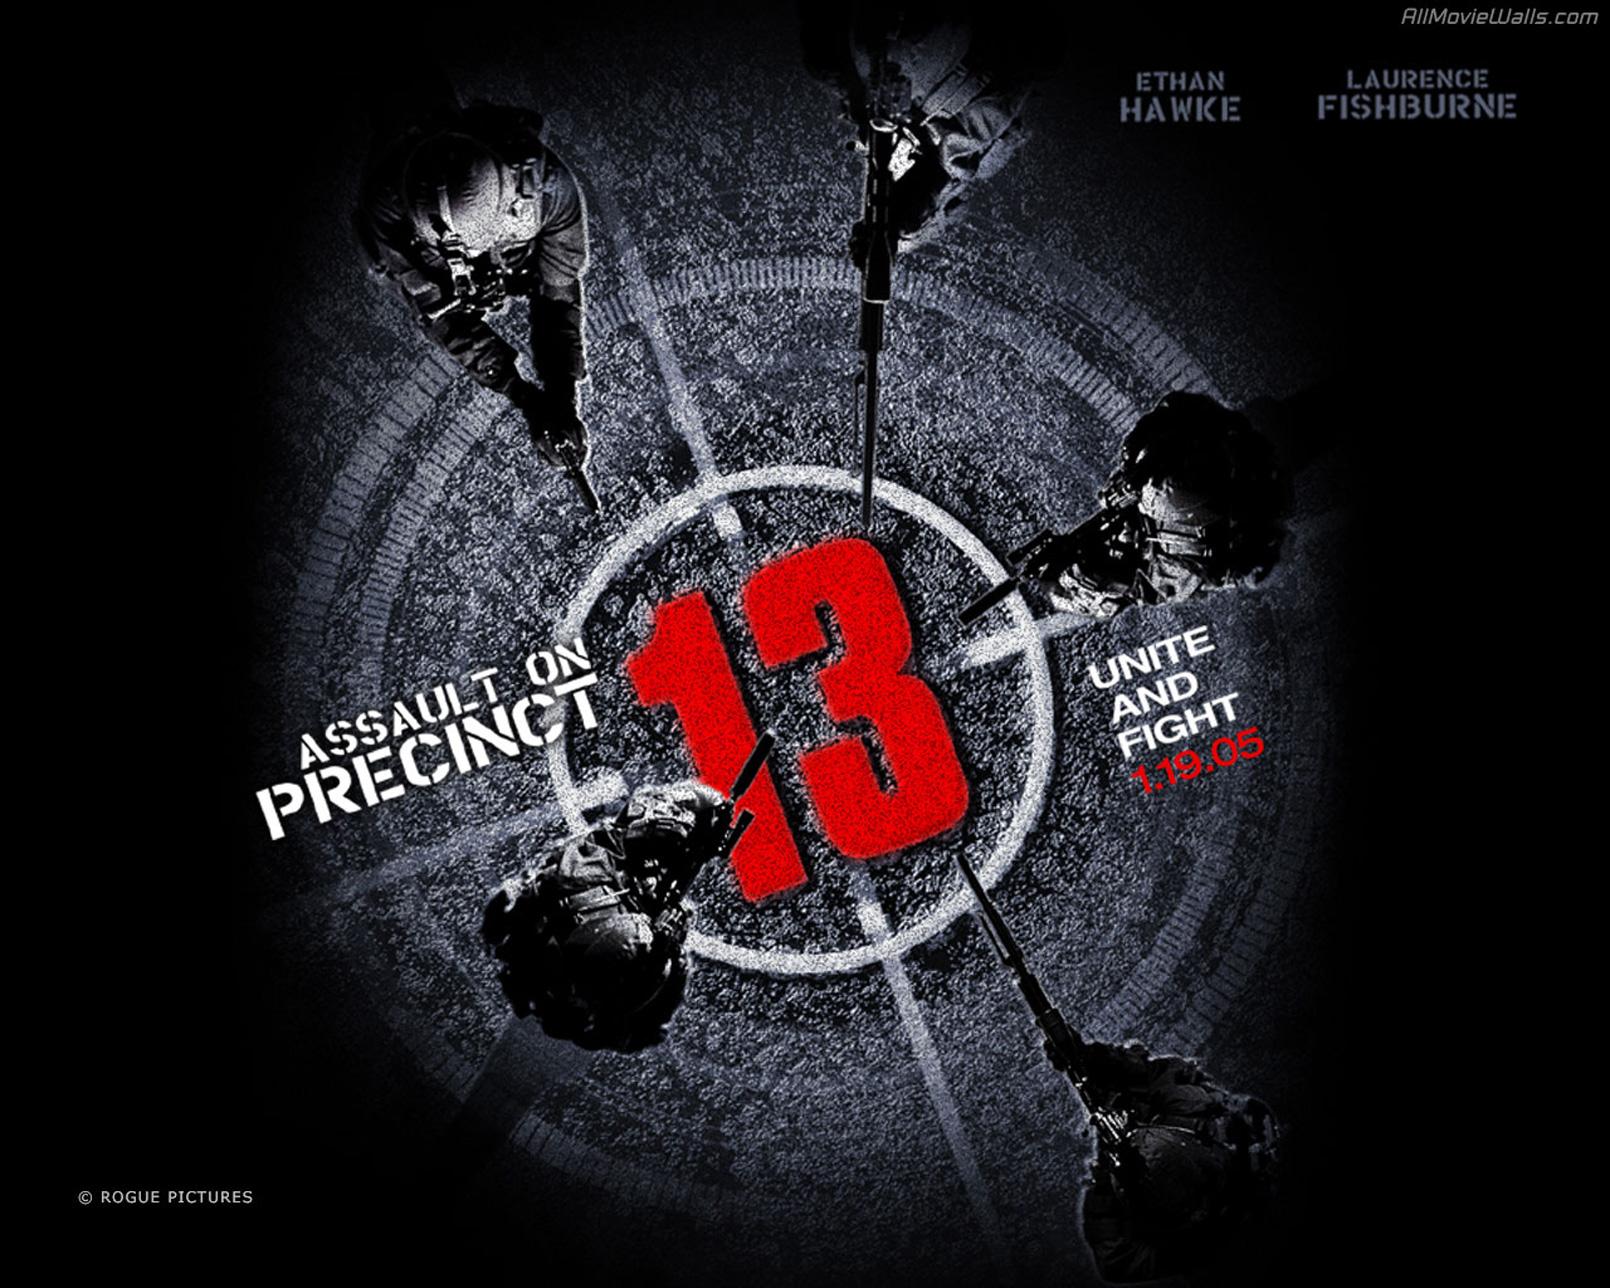 assault precinct 13 movie